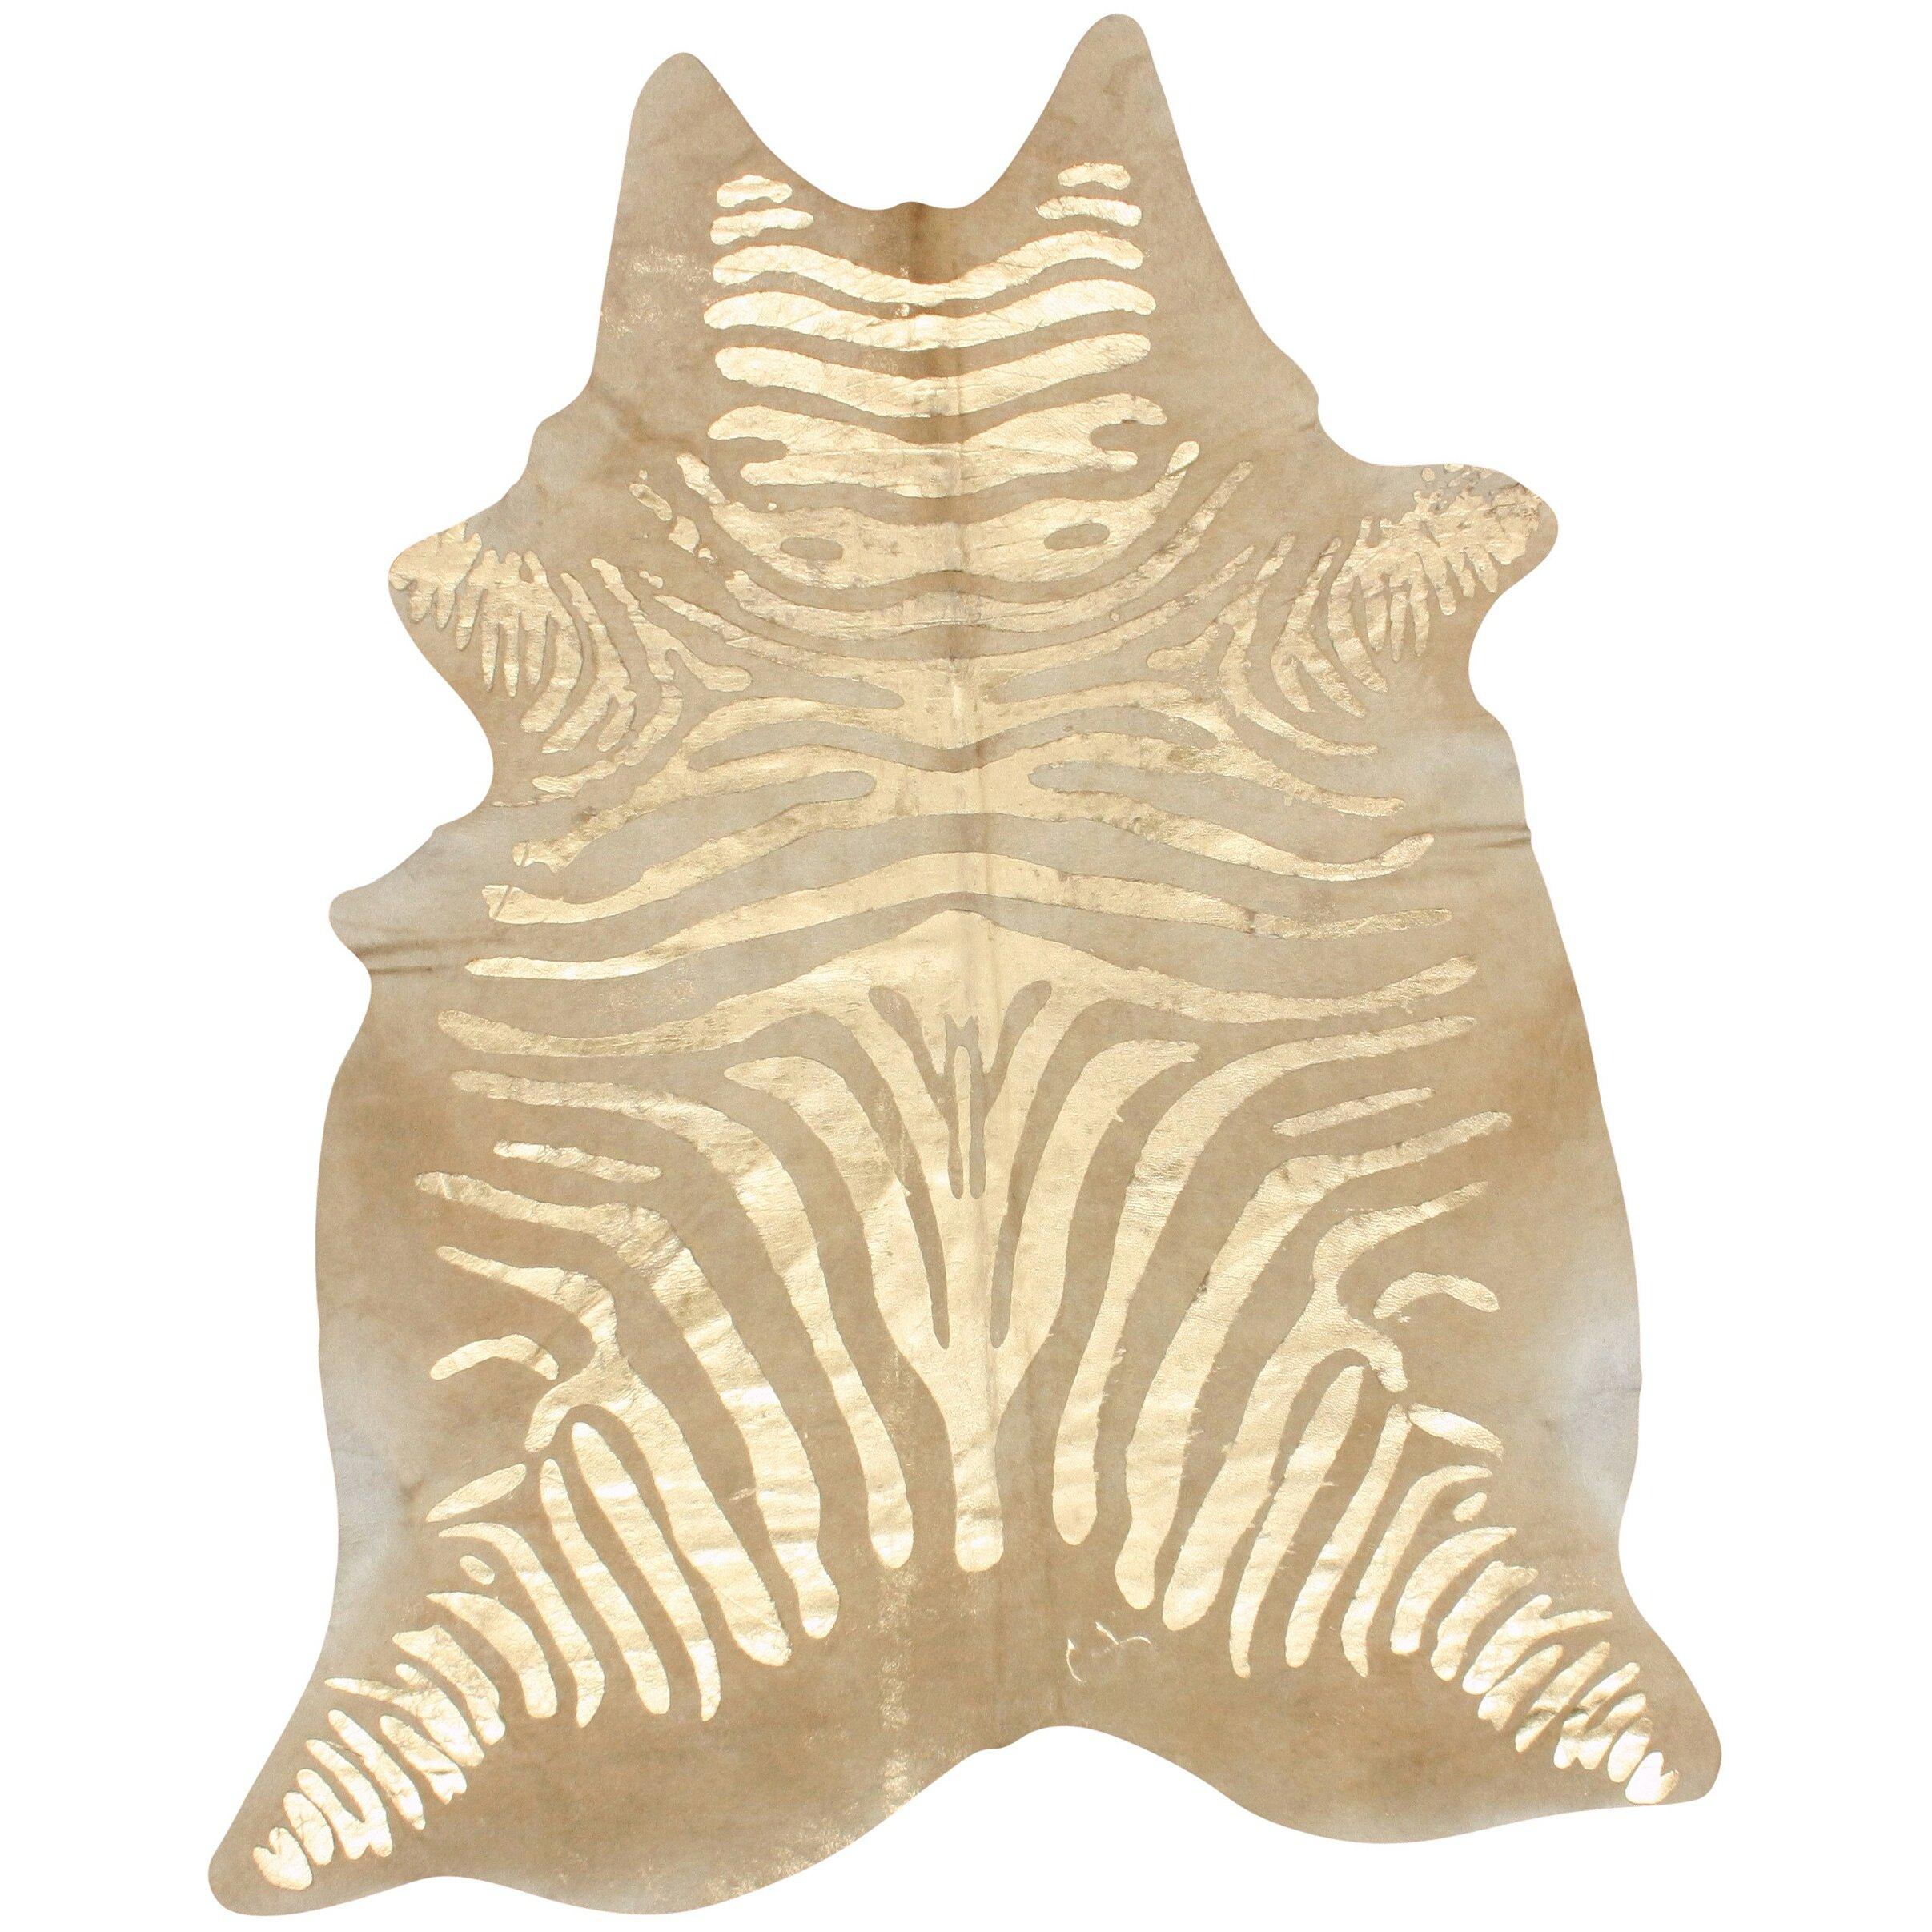 Zebra Rug Wayfair: NuLOOM Natura Zebra Cowhide Natural/Brown Area Rug